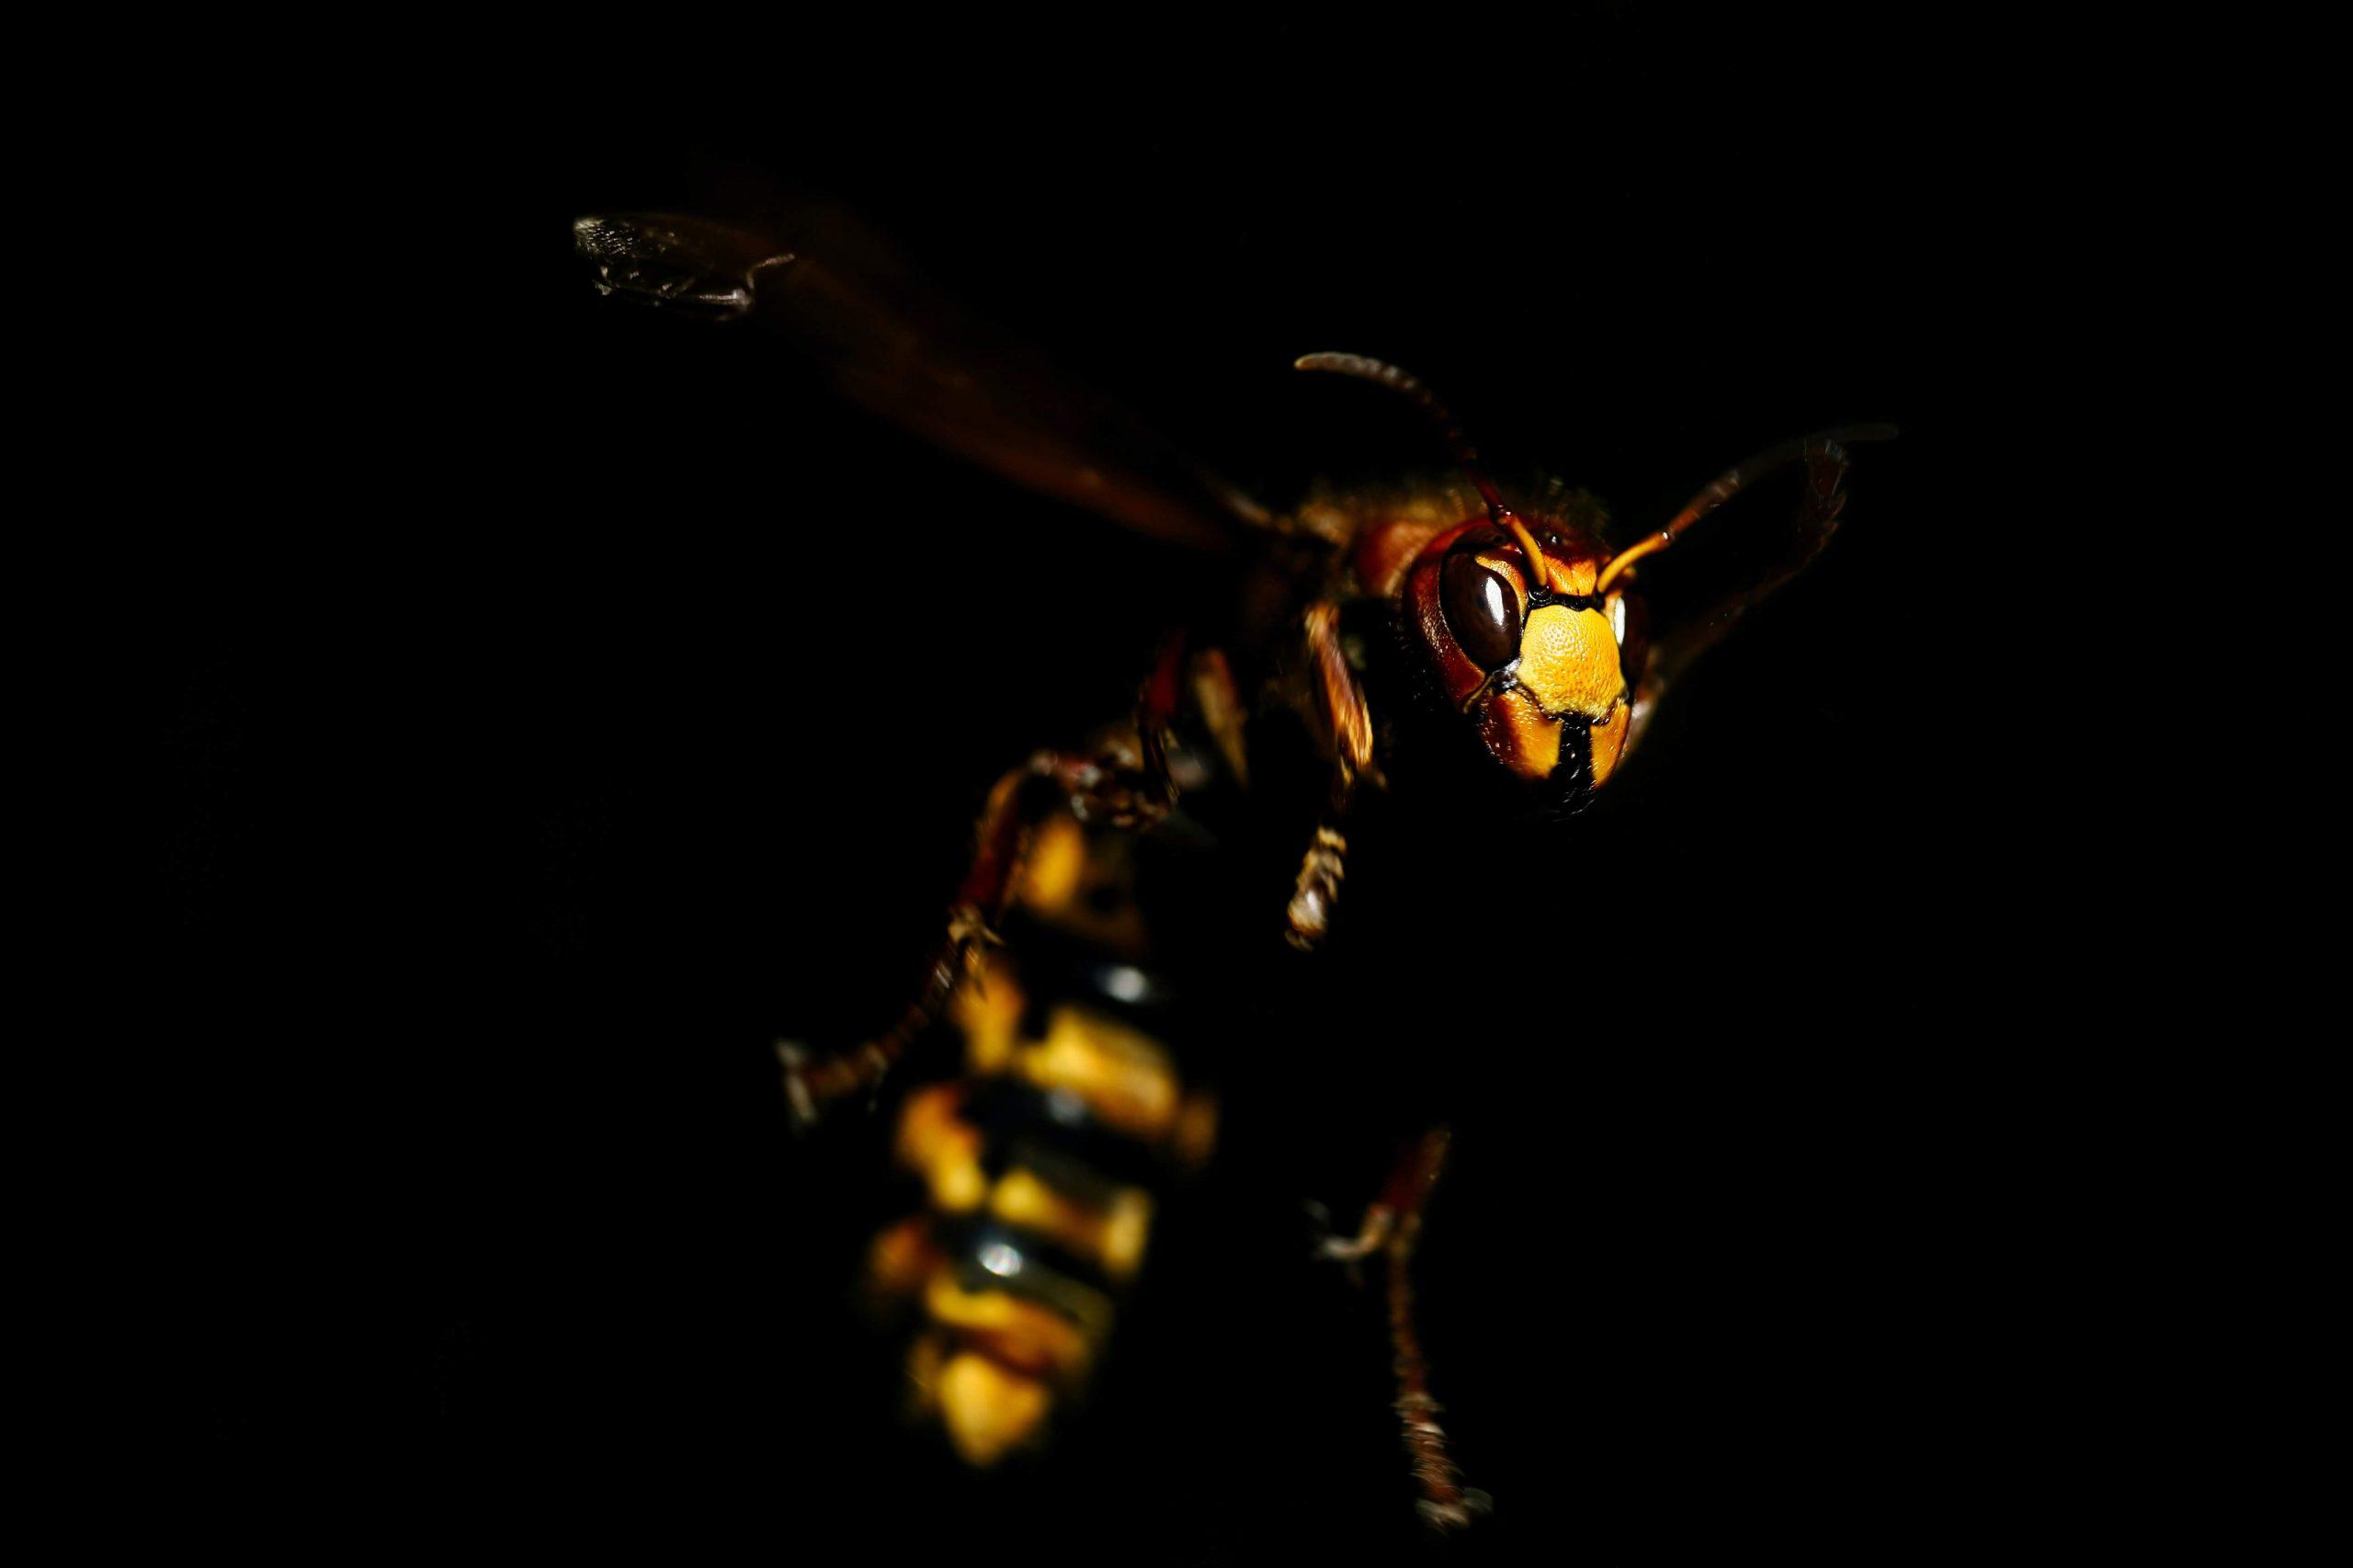 close up photo of murder hornet